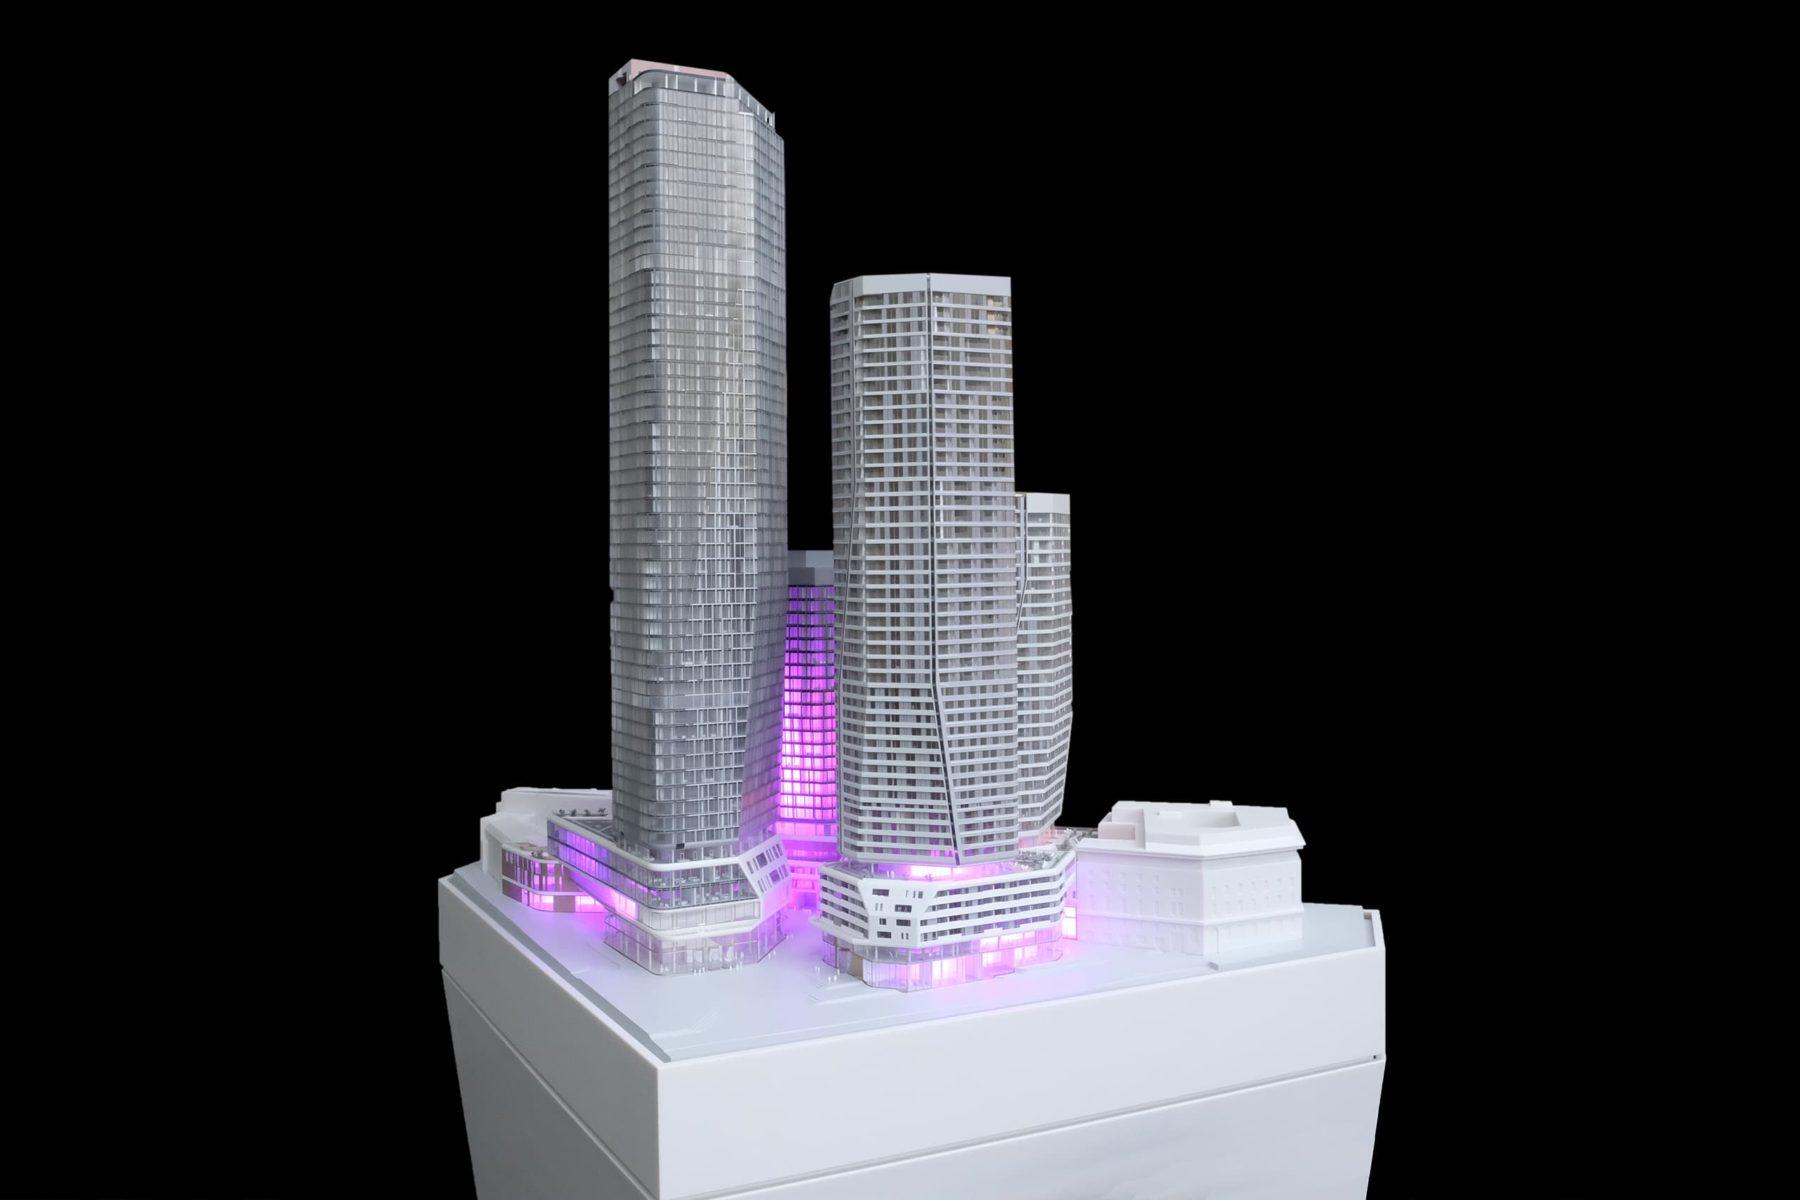 FOUR Frankfurt Architekturmodell von werk5, 2017